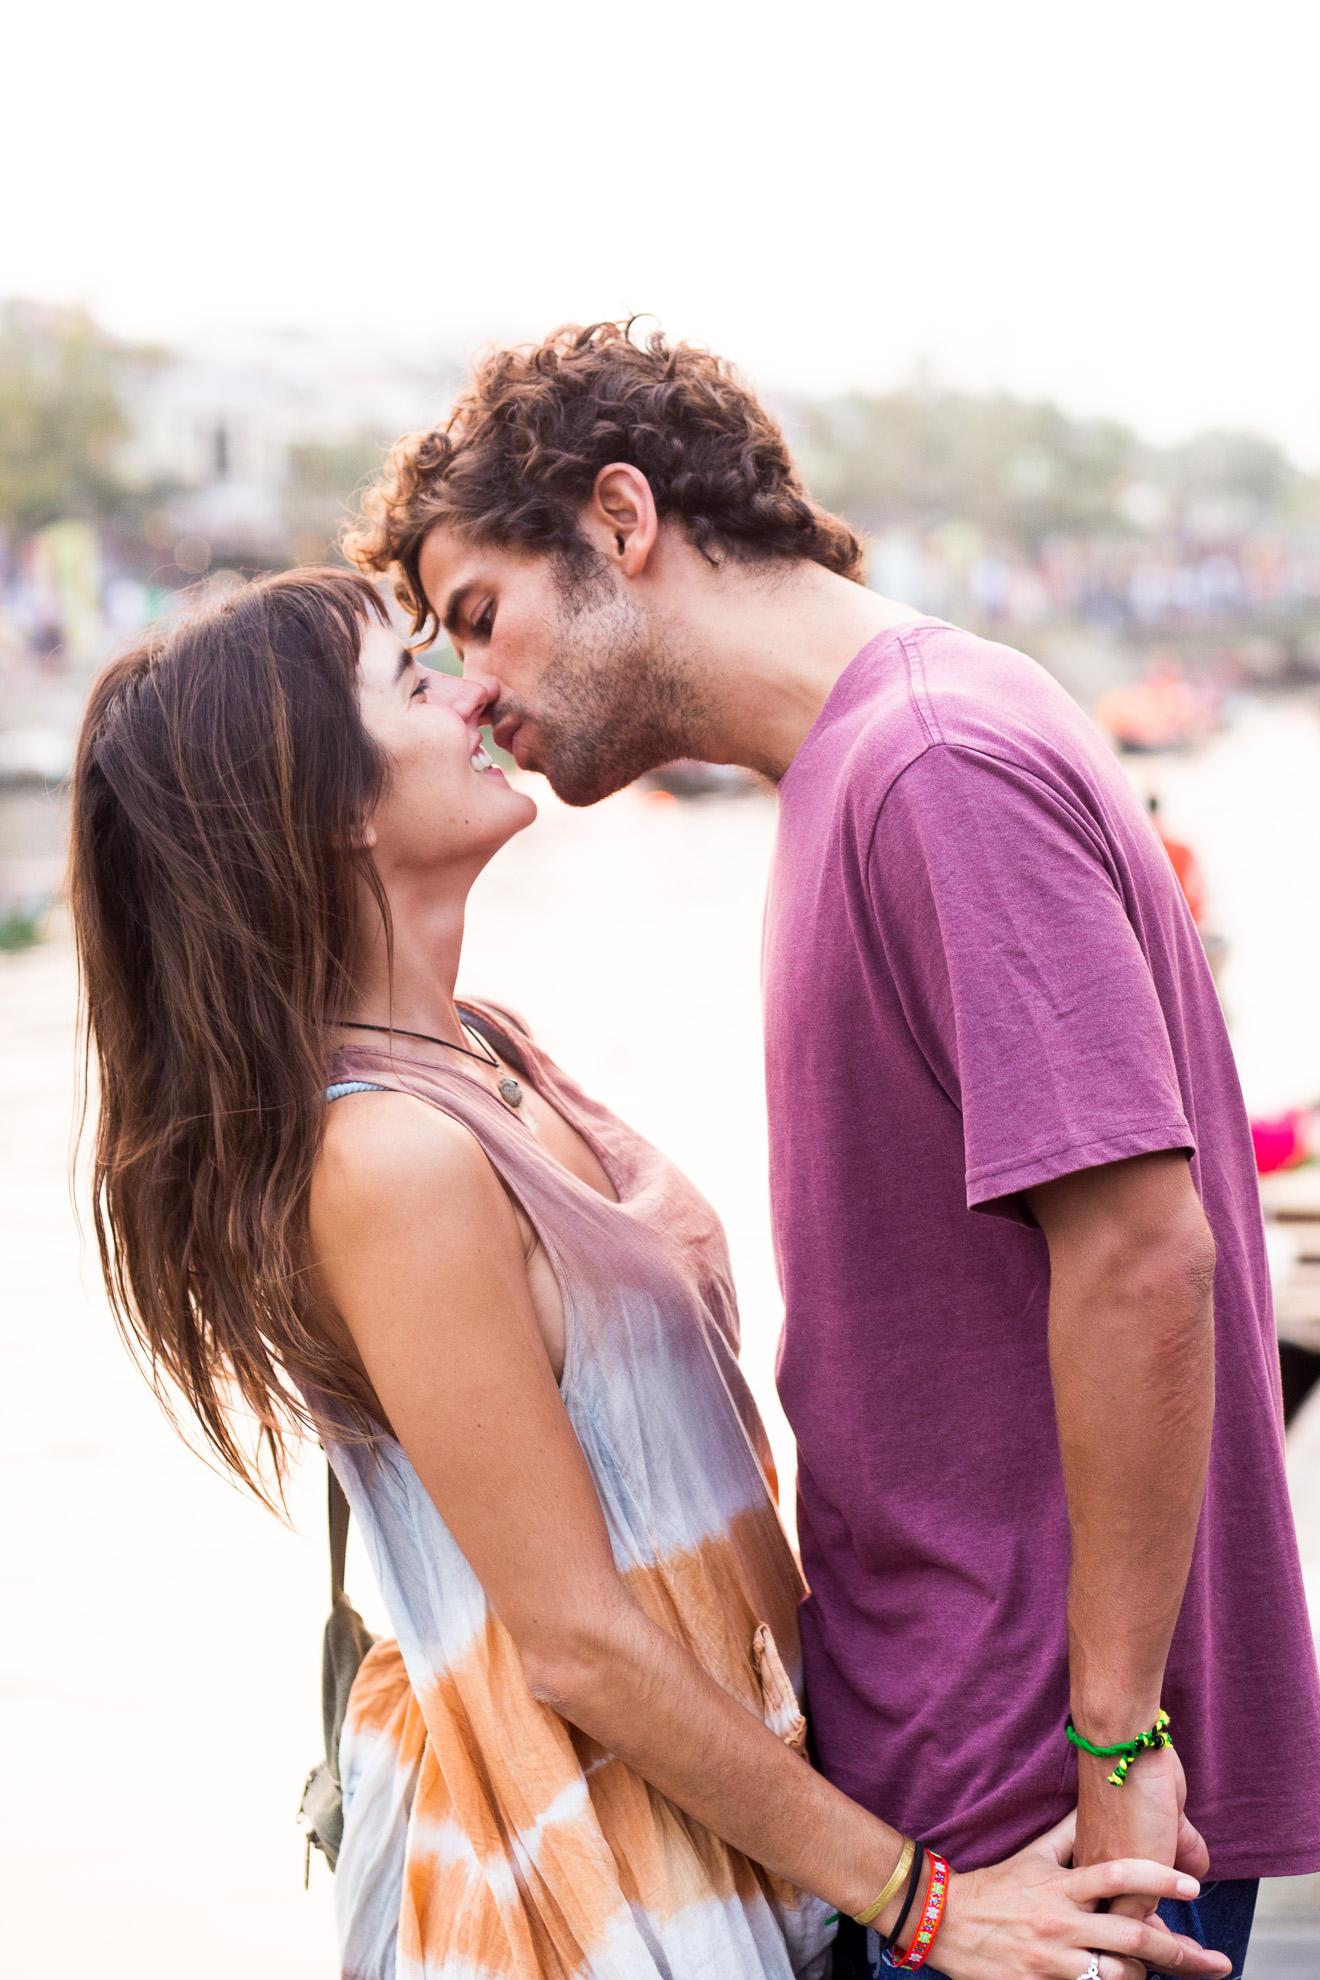 O Saillard Photographe - Benji y Julieta-007.jpg